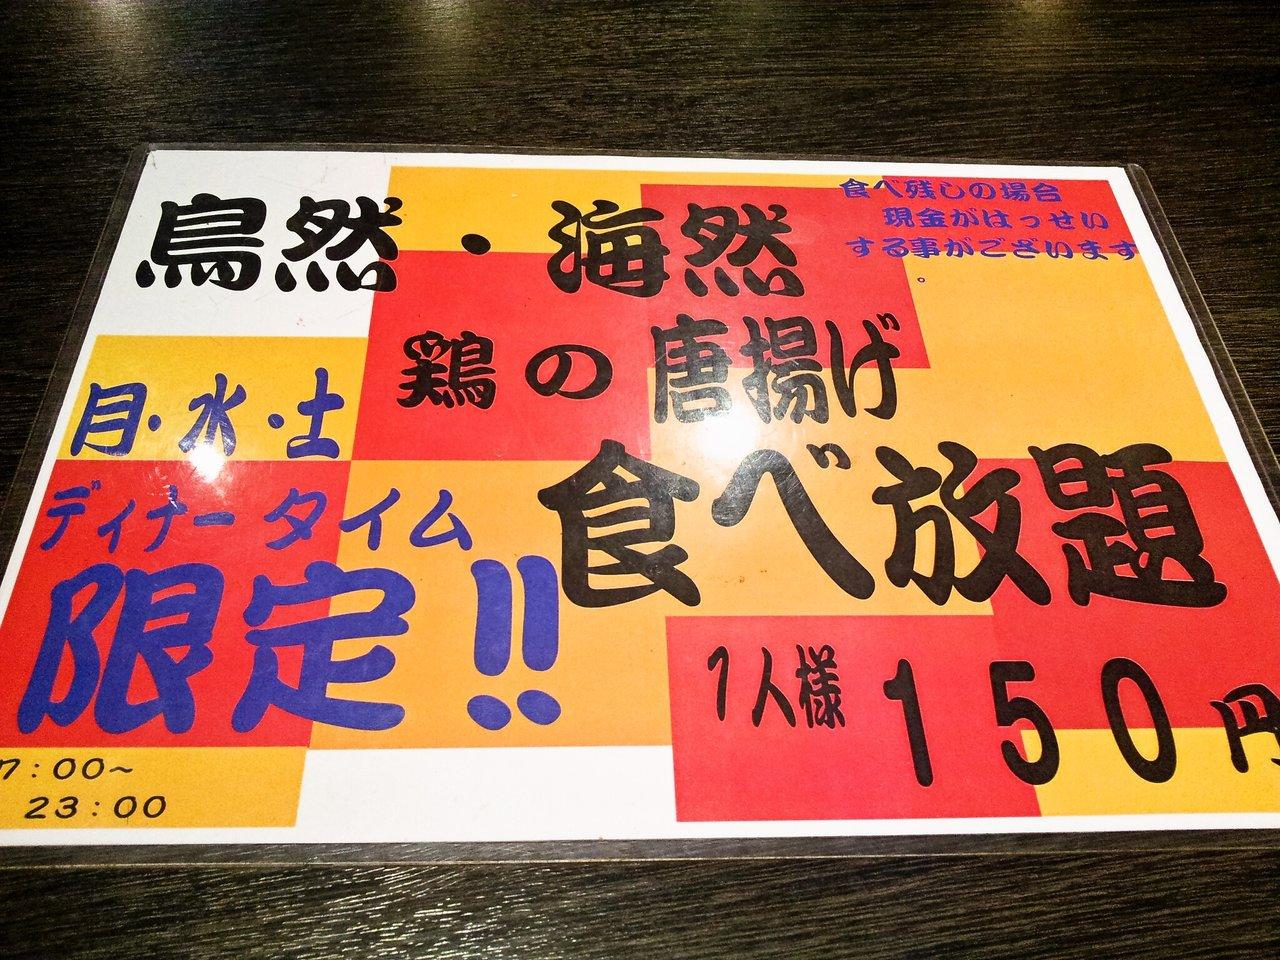 から揚げ食べ放題が150円!信じられない池袋の居酒屋@鳥然